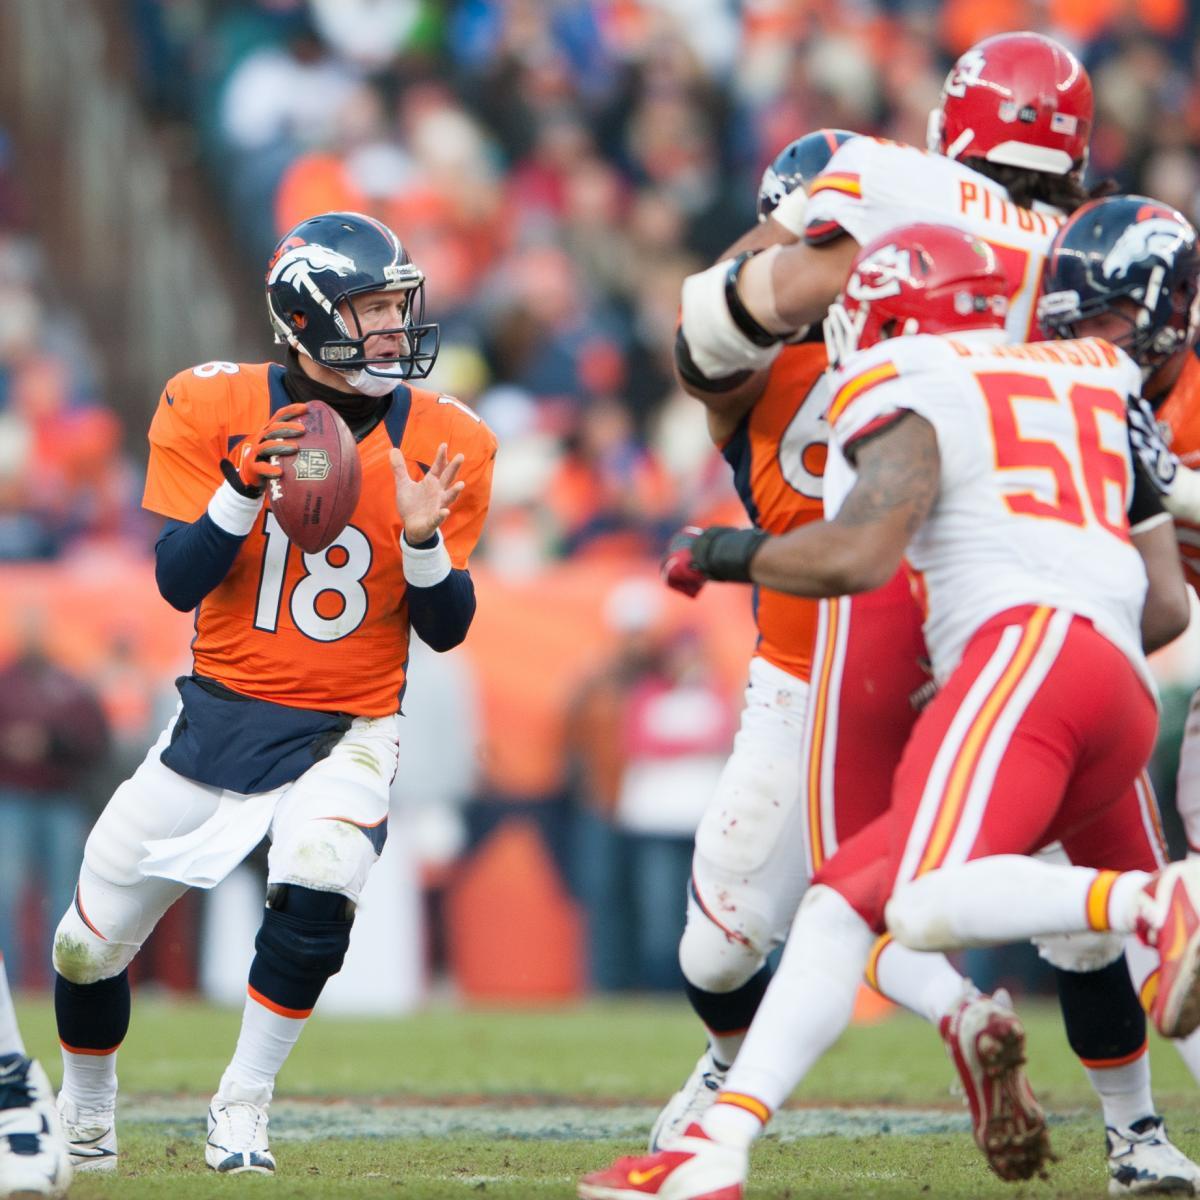 Kansas City Chiefs Vs. Denver Broncos: Live Score